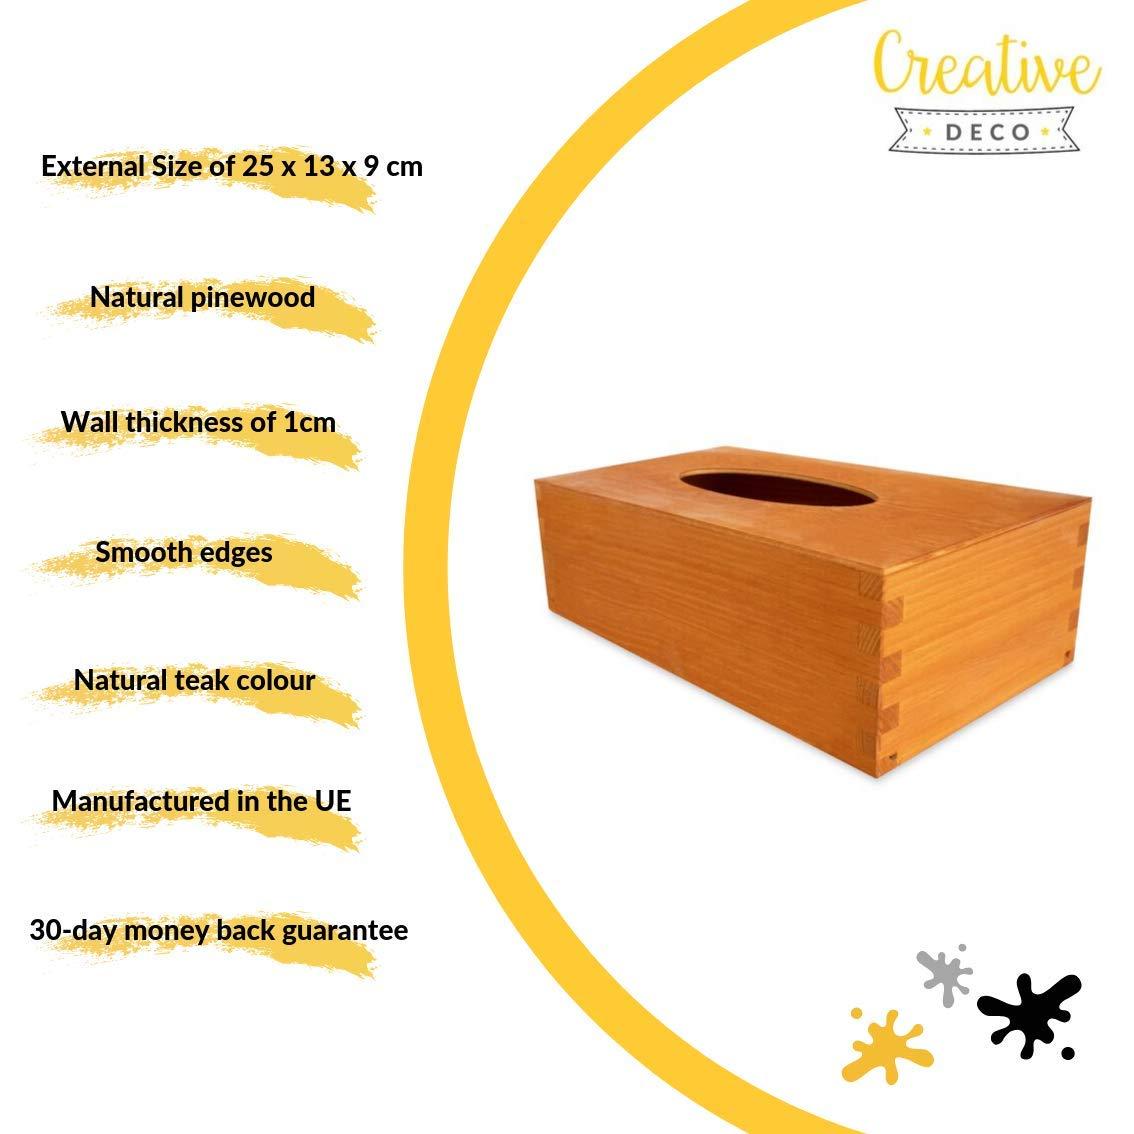 Creative Deco Quadratische Kosmetikt/ücher-Box aus Kiefern-Holz| 13 x 14,5 x 14 cm Perfekte Kosmetiktuch-Spender f/ür Decoupage Ideale Taschentuch-Box f/ür Taschent/ücher Dekoration und Lagerung